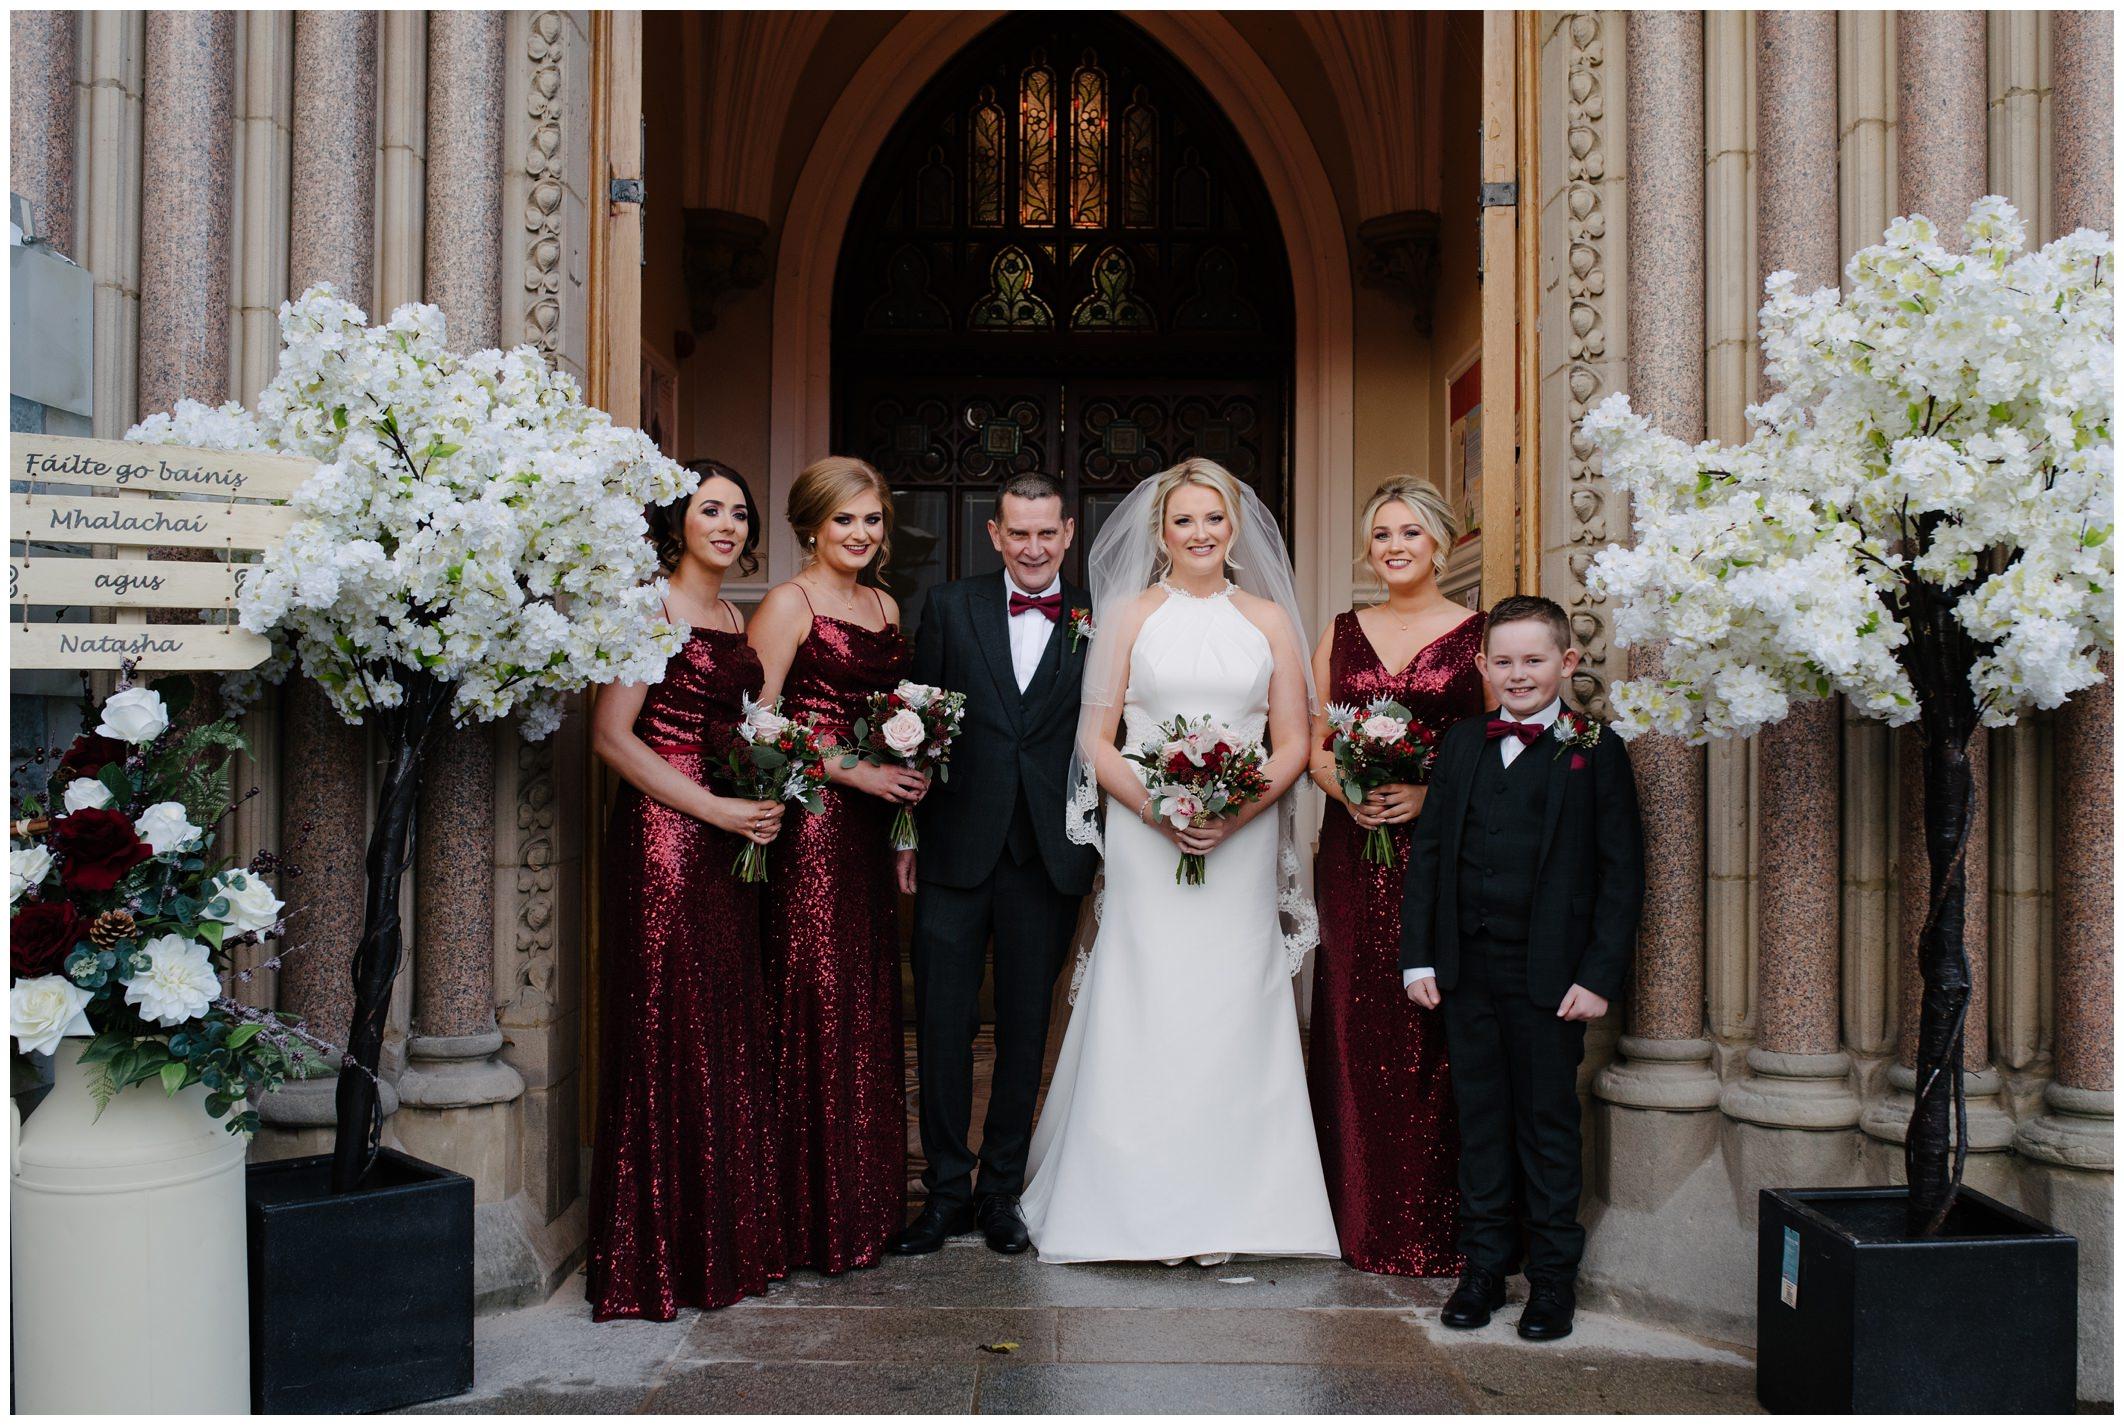 silver_tassie_wedding_jude_browne_photography_0026.jpg